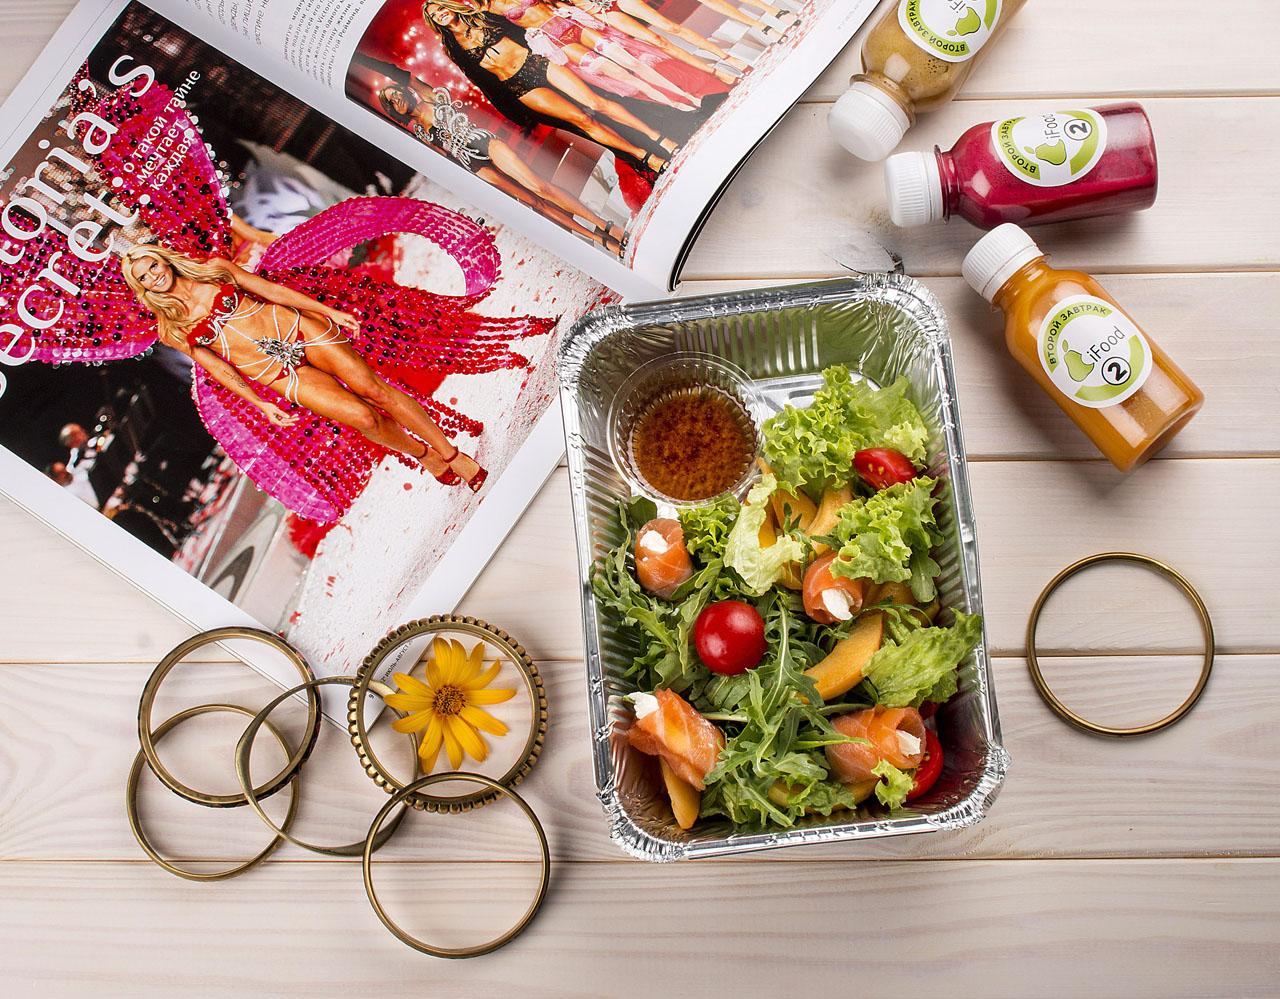 Заказать программу питания для похудения для девушек, с доставкой на дом - фотография